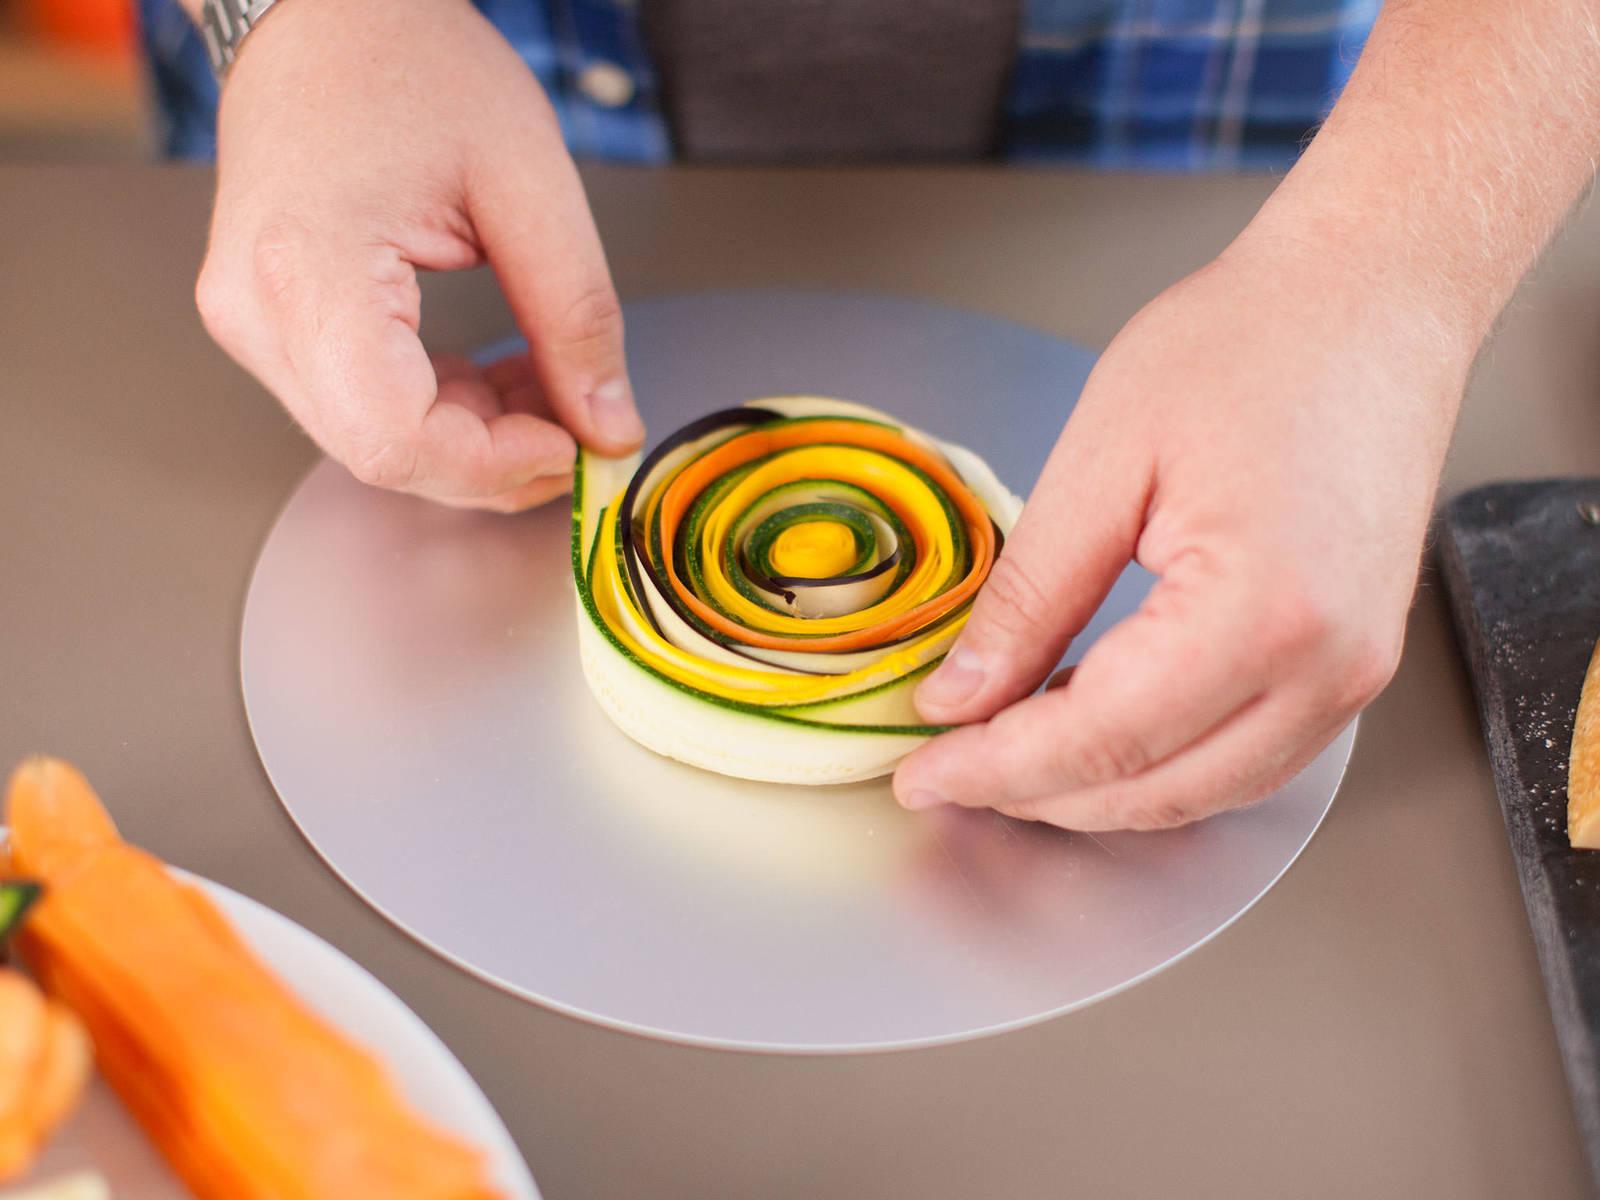 Inzwischen Gemüse in abwechselnden Farbschichten spiralförmig aufrollen.